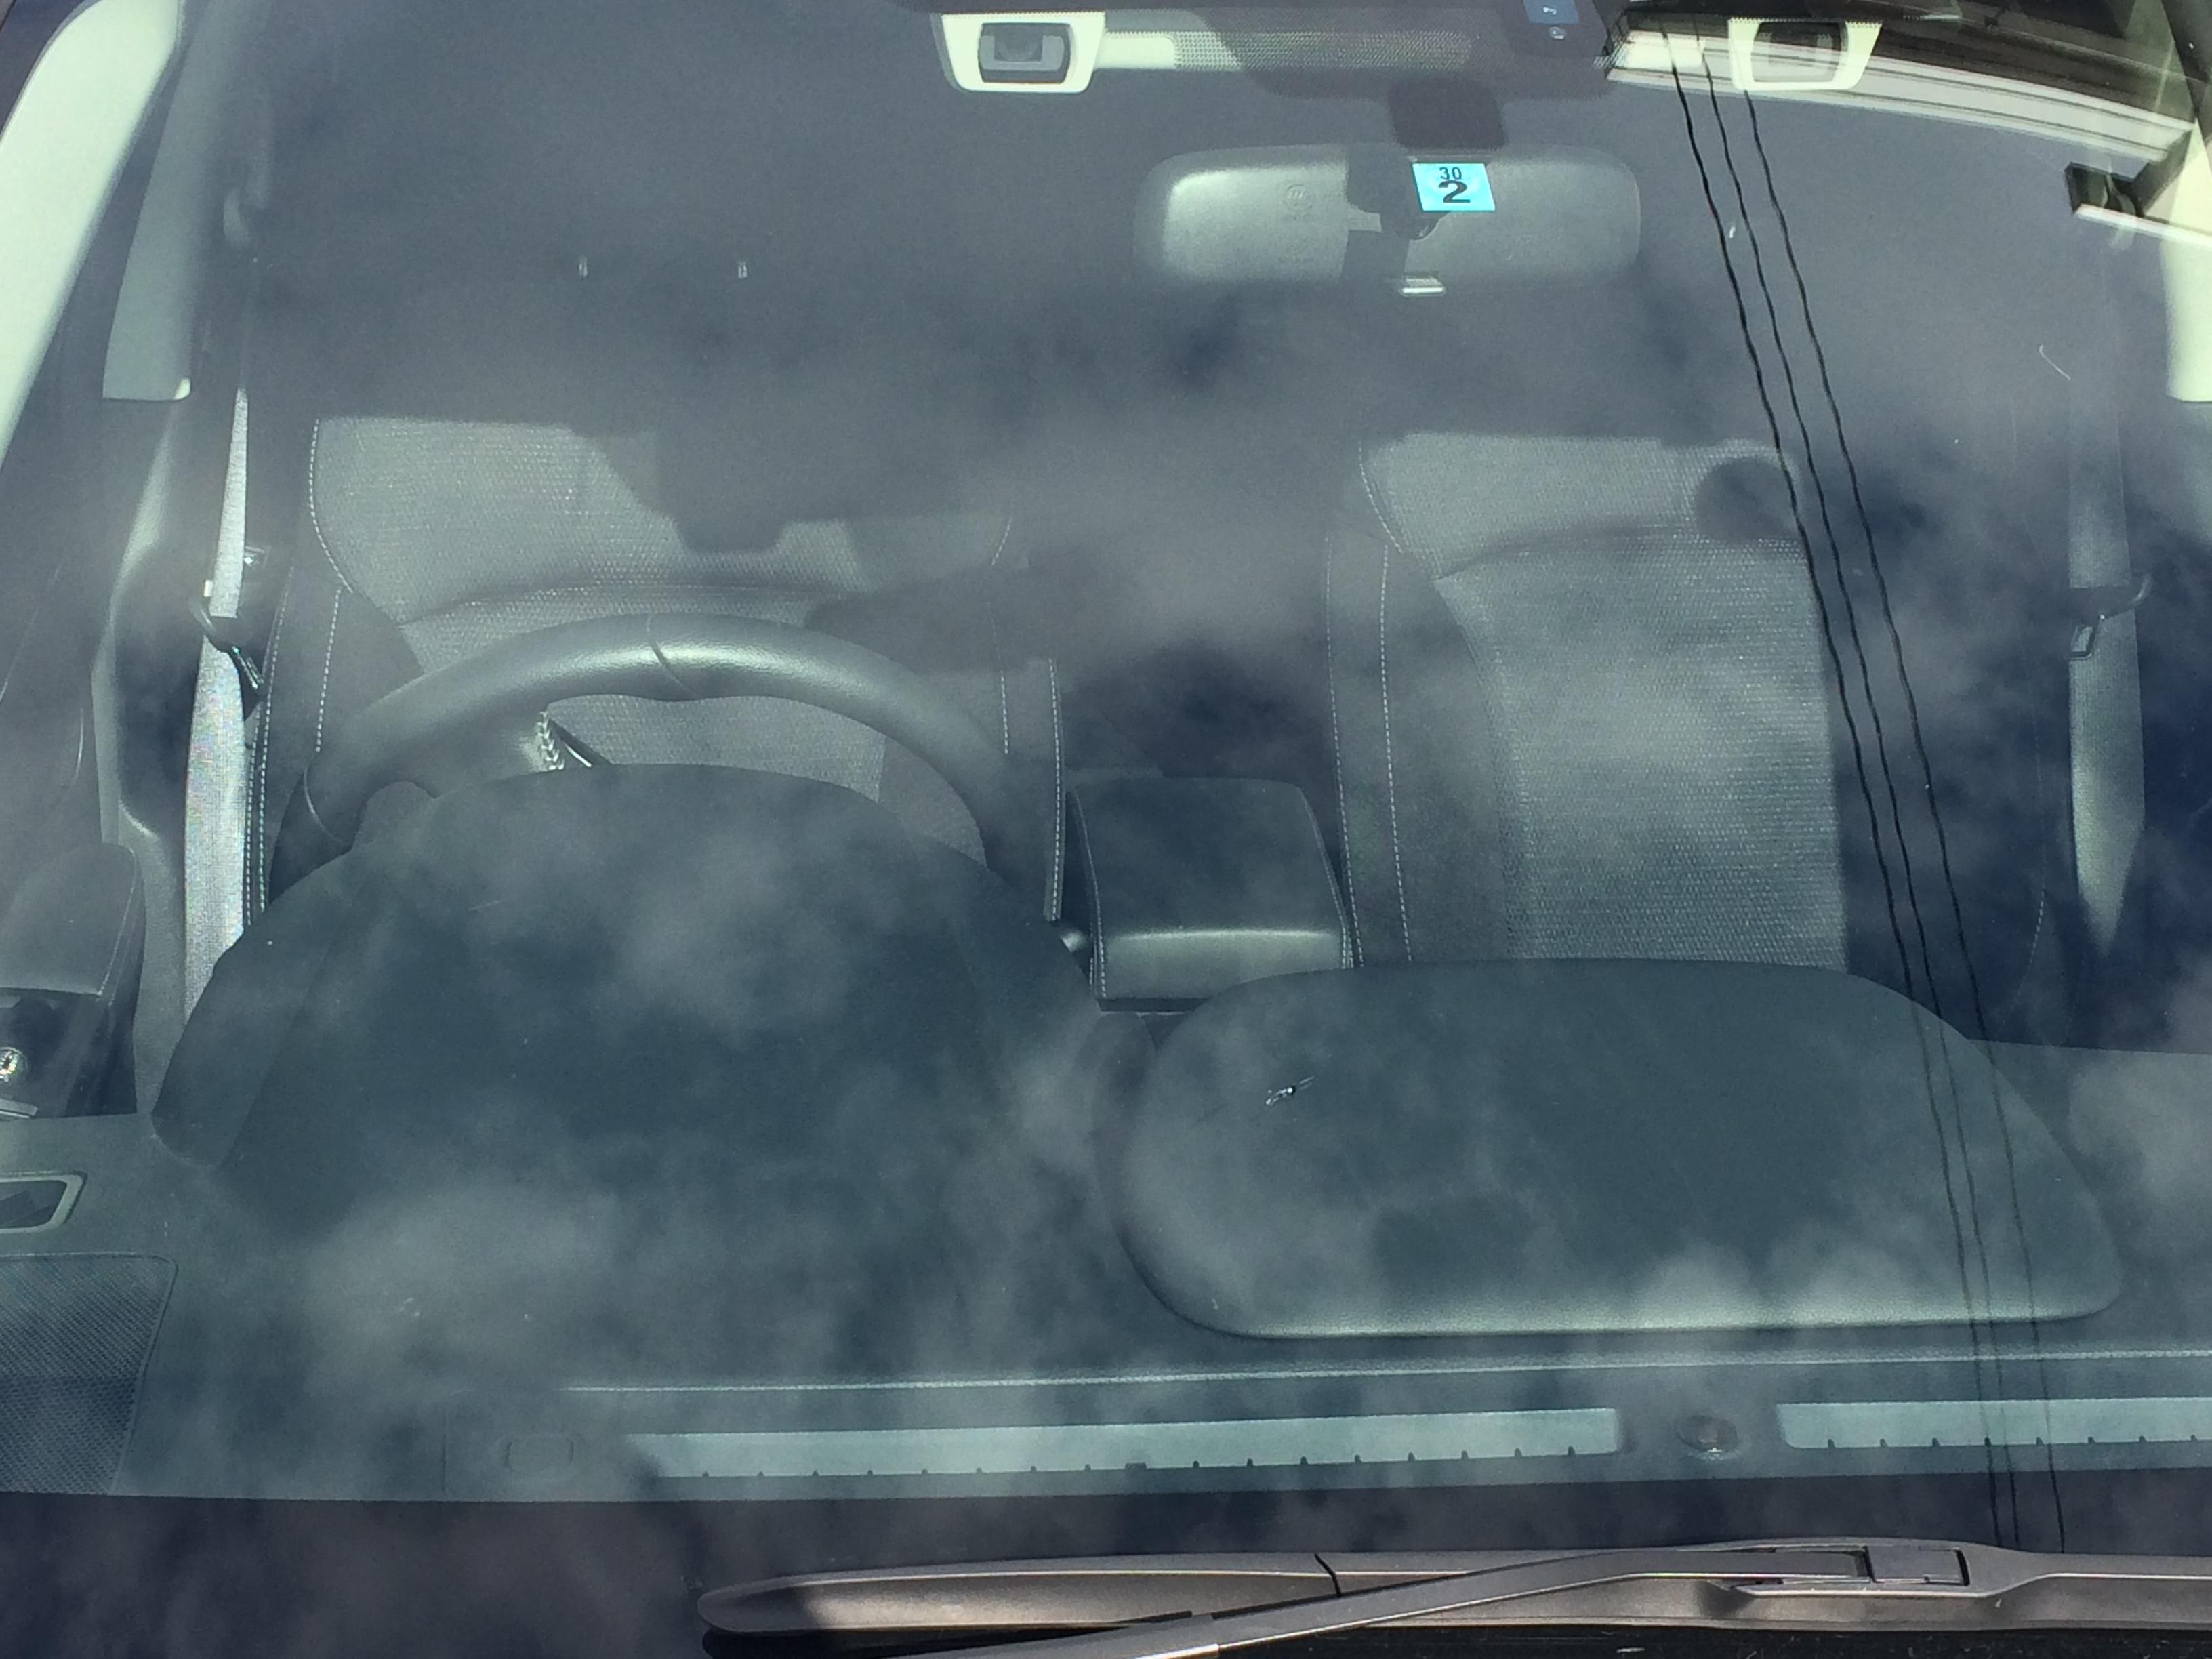 アイサイトなどガラス部分にカメラをつけている車のフロントガラス交換は高額な件